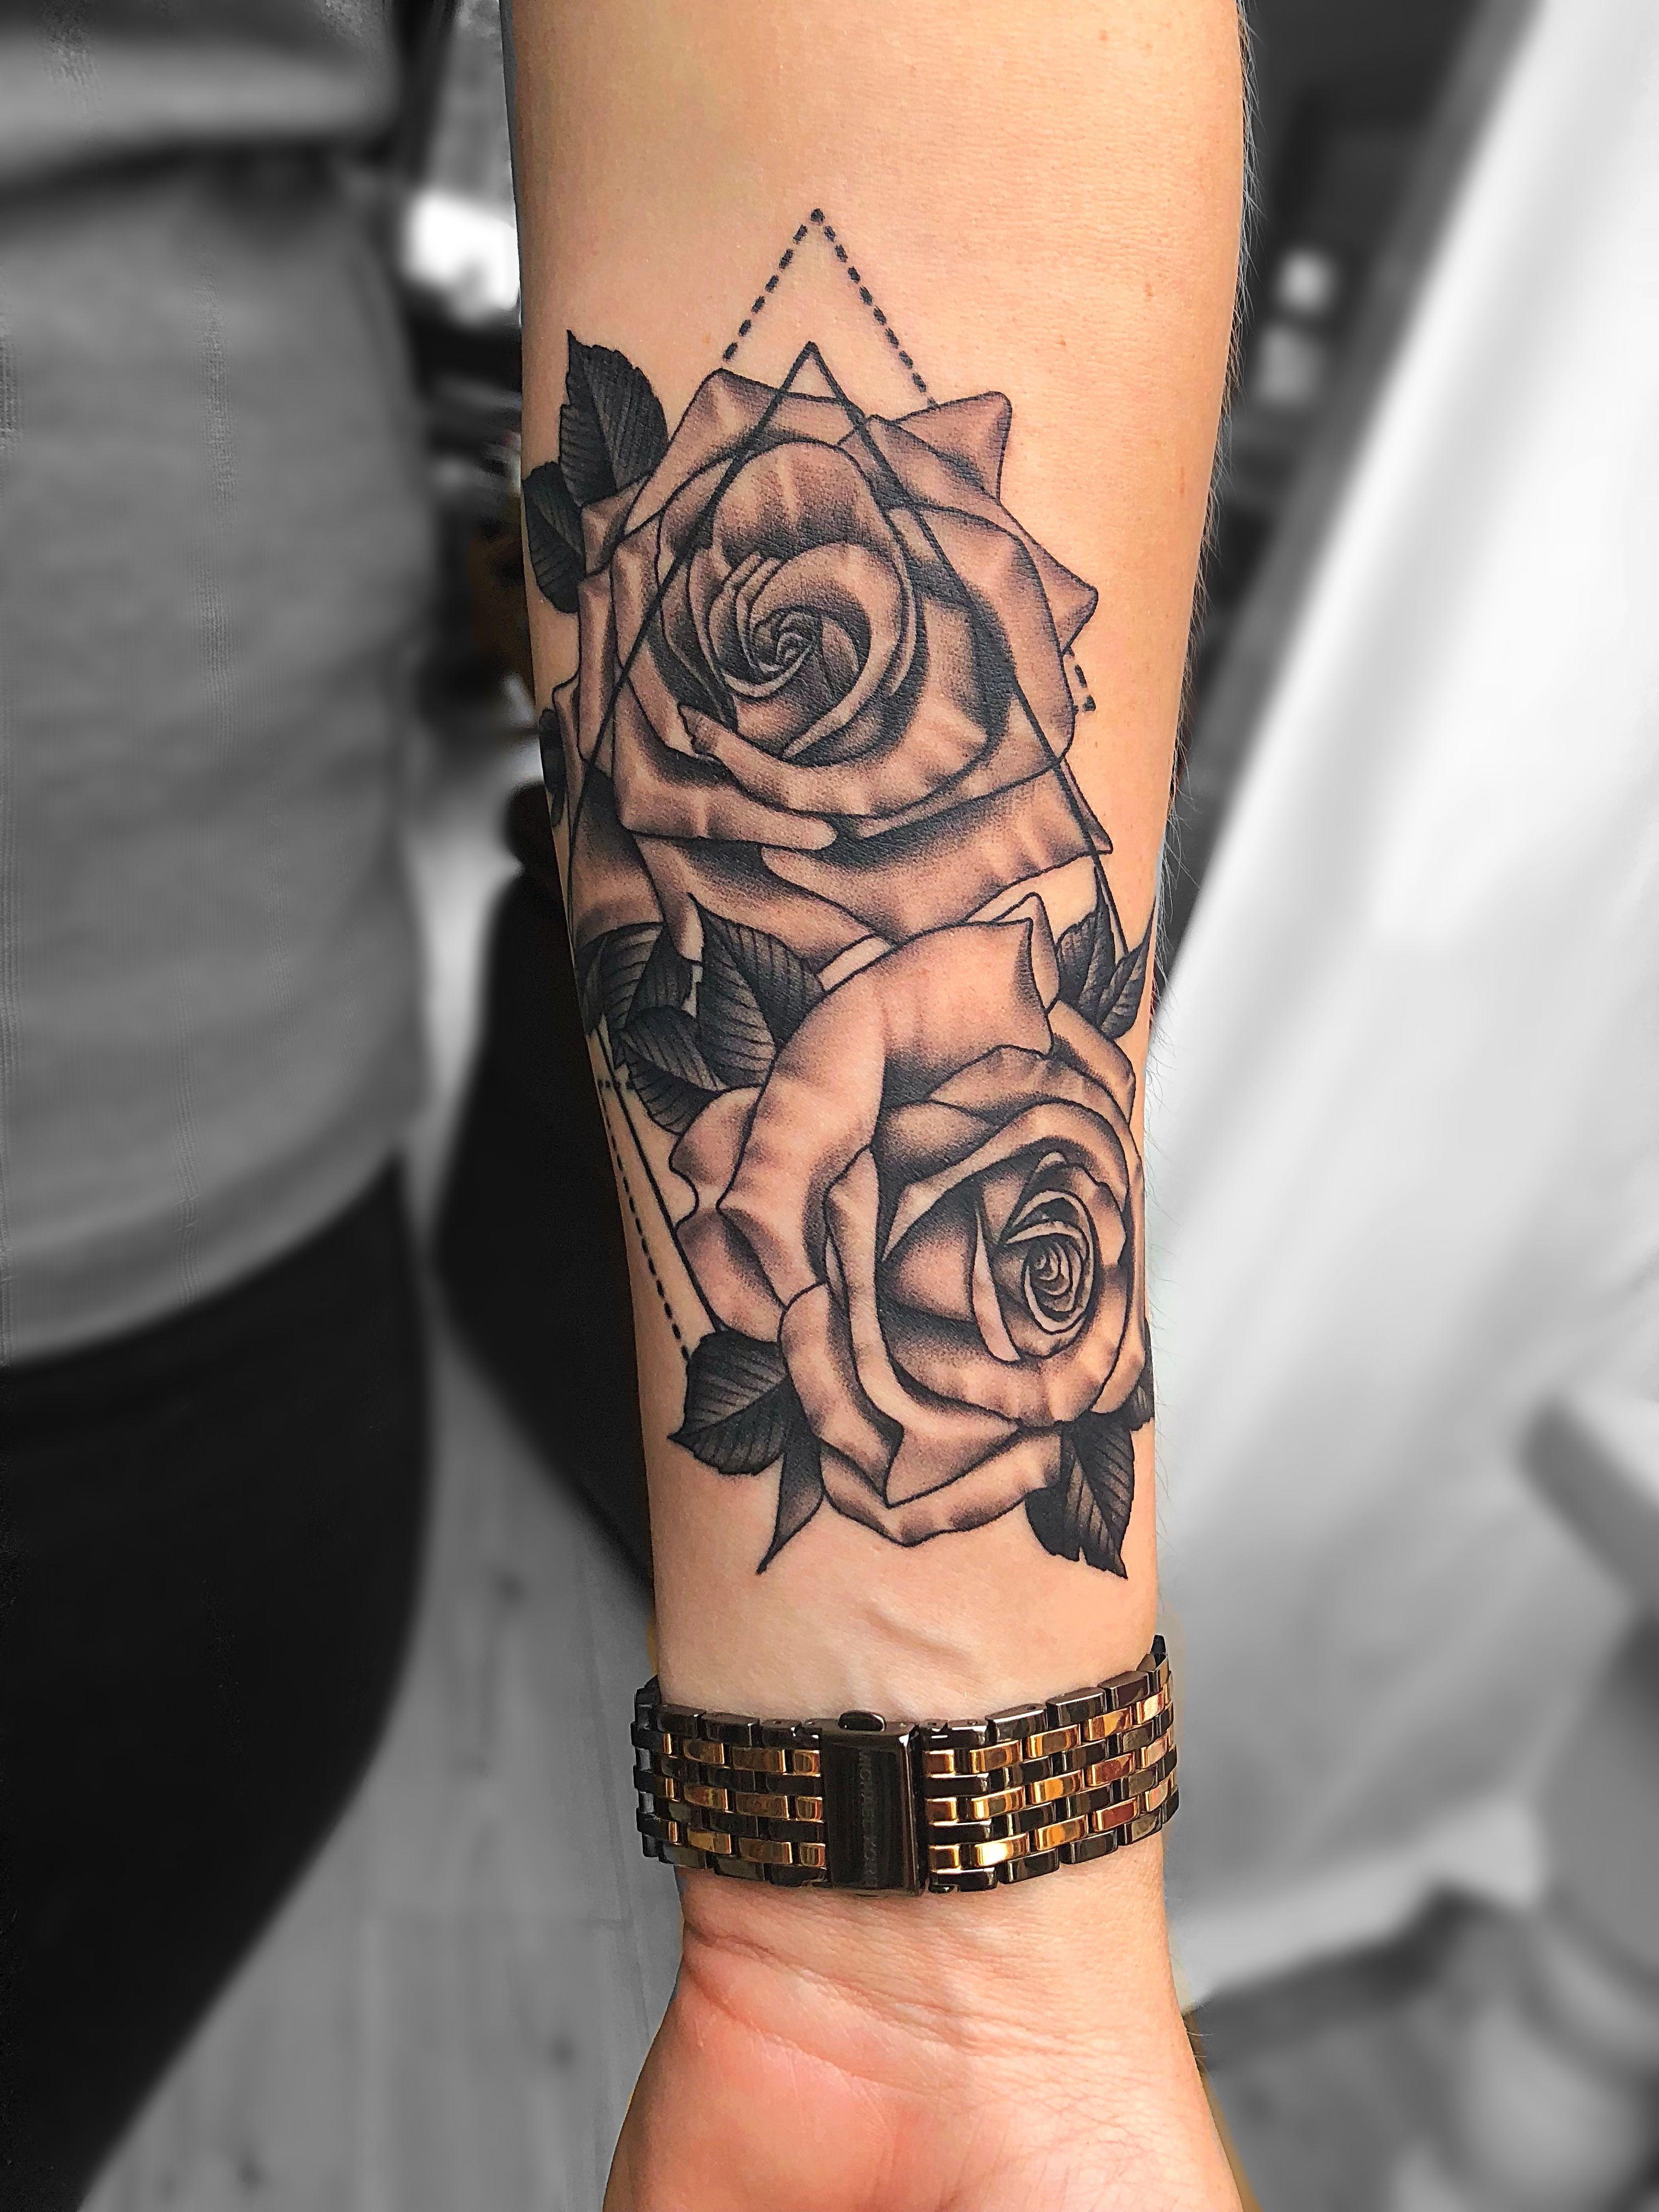 Roses forearm tattoo Forearm tattoo design, Forearm